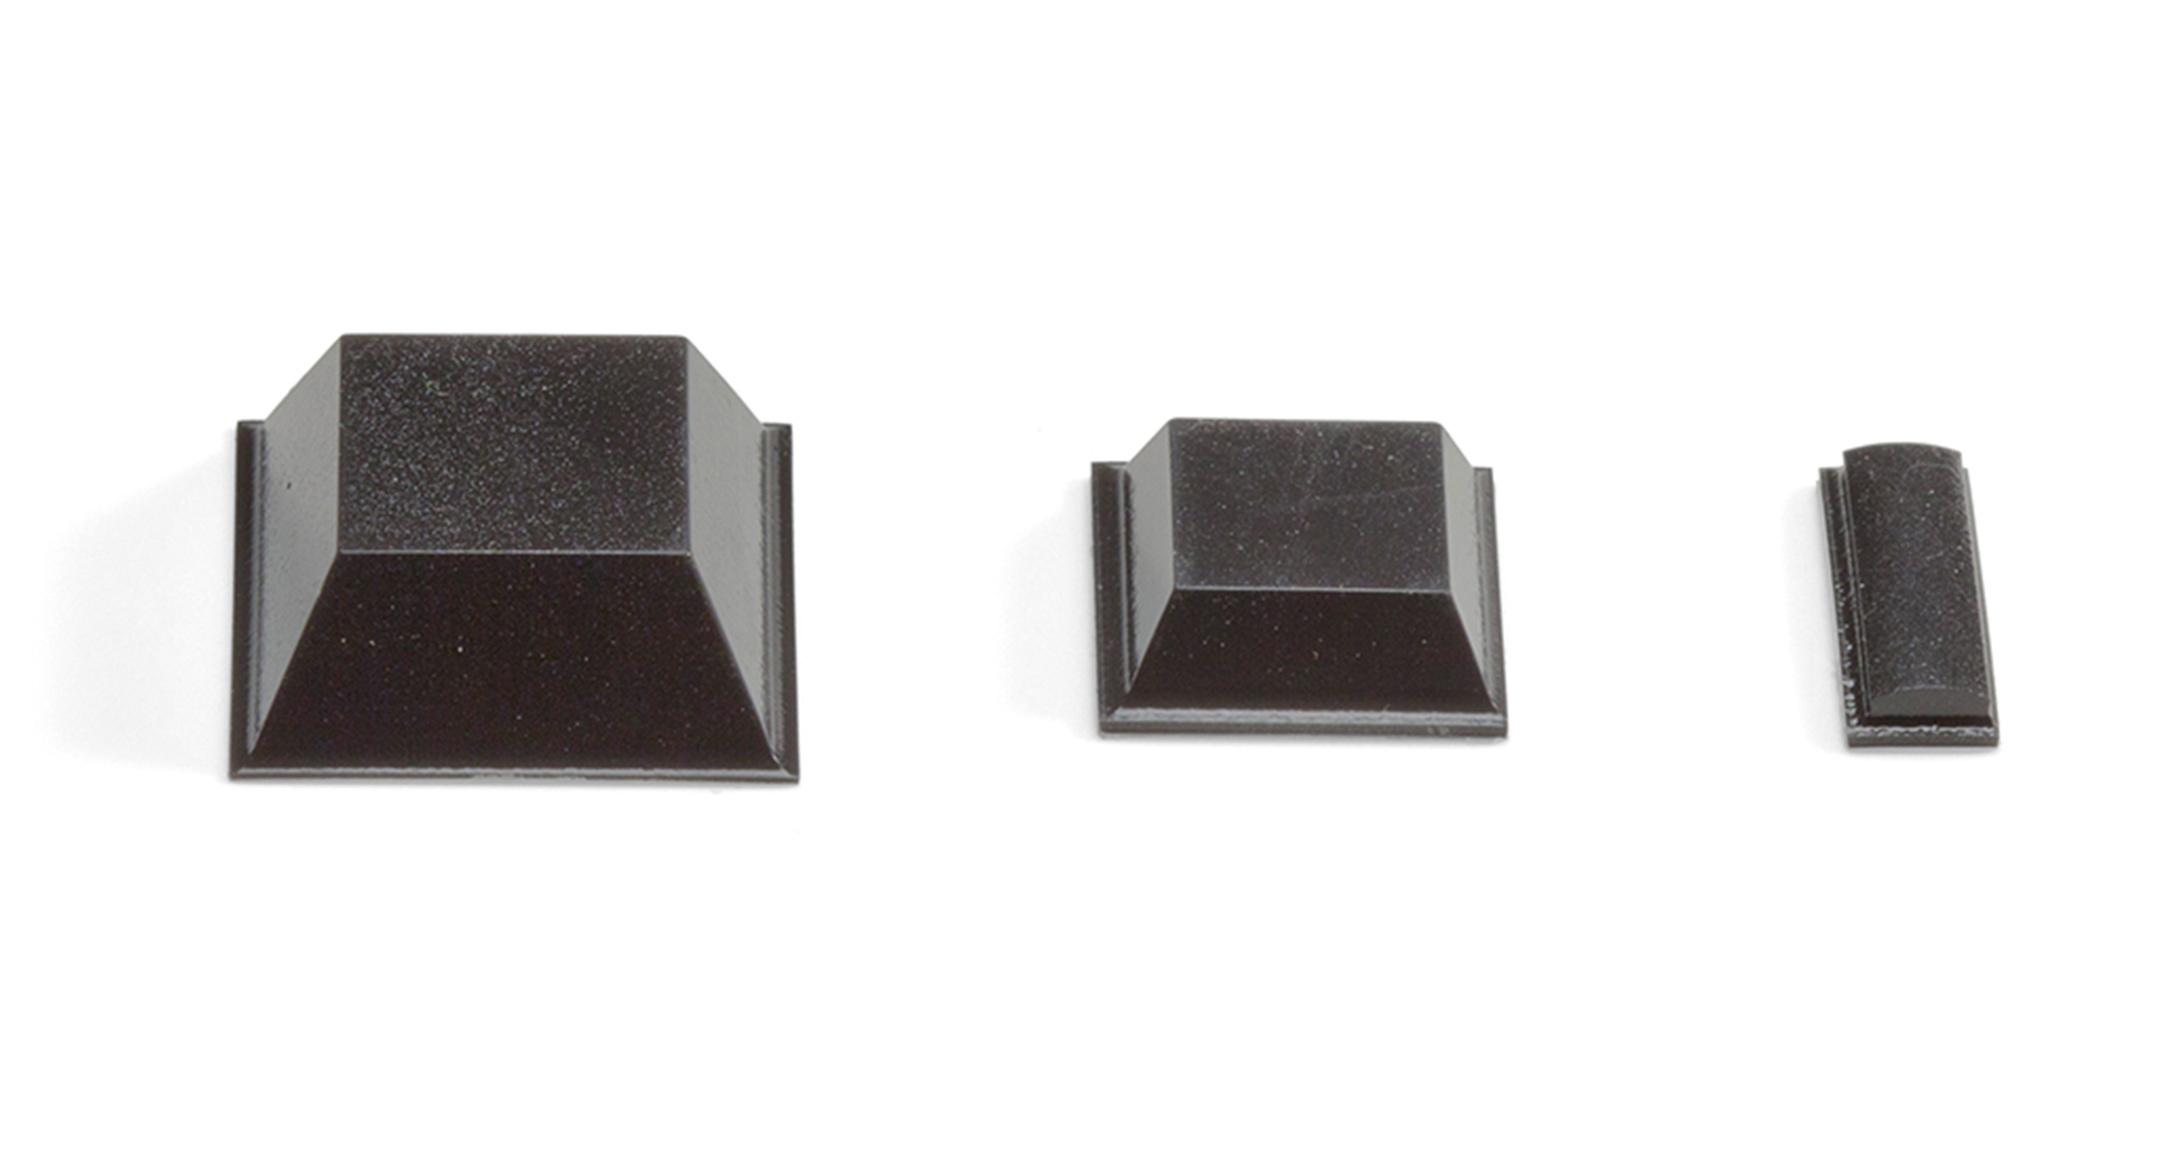 ポリウレタン製 角型ゴム足 SJシリーズの画像